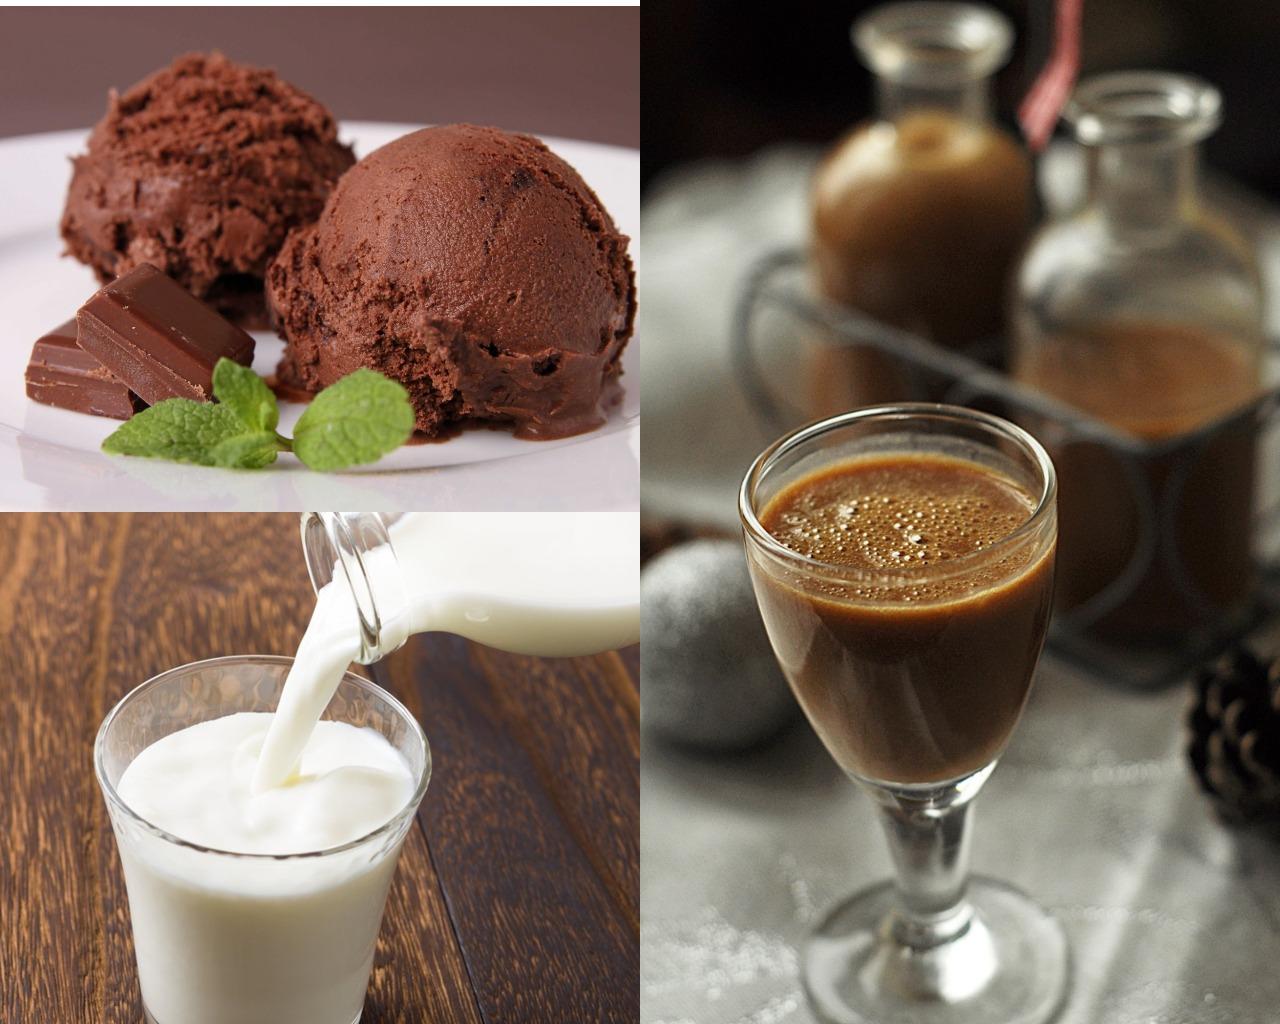 Ингредиенты для коктеля с шоколадным ликером